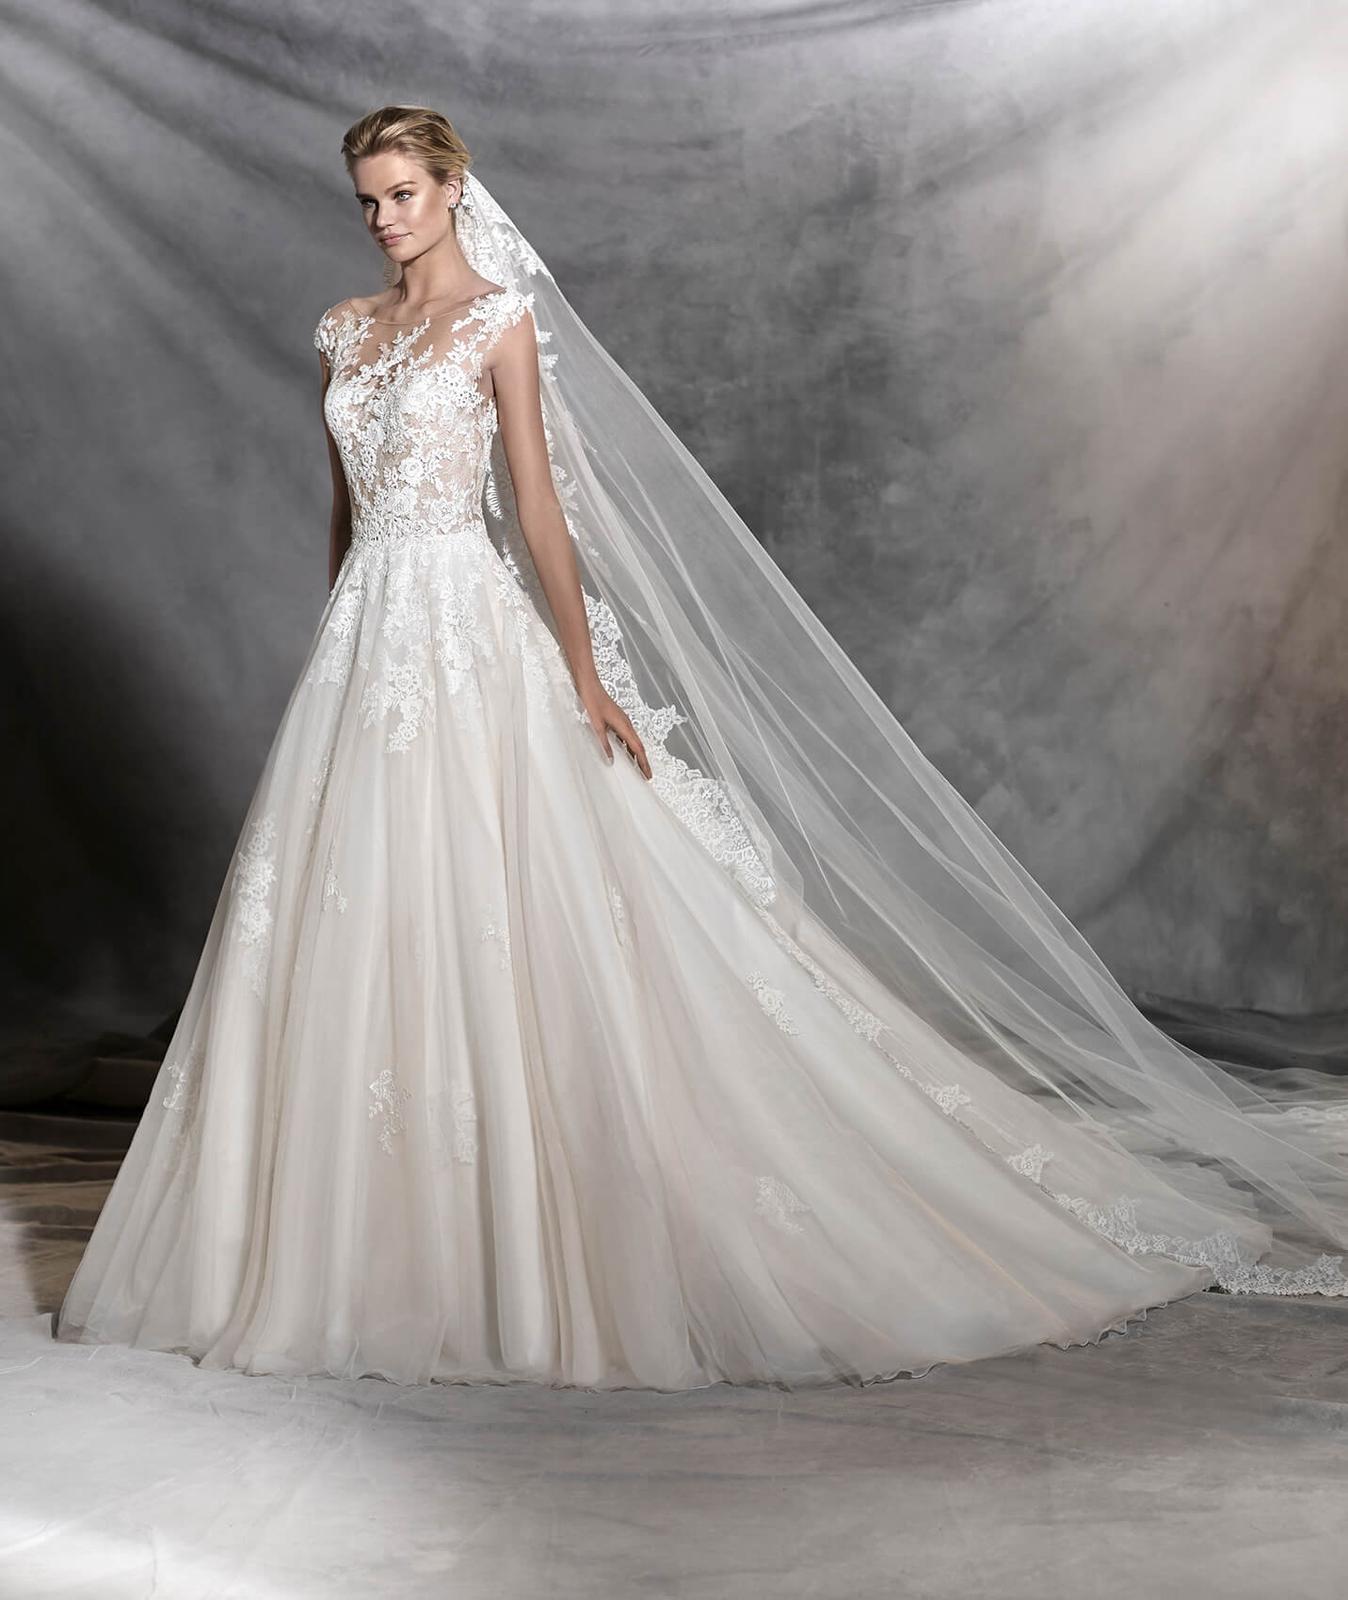 Šaty - Obrázek č. 348